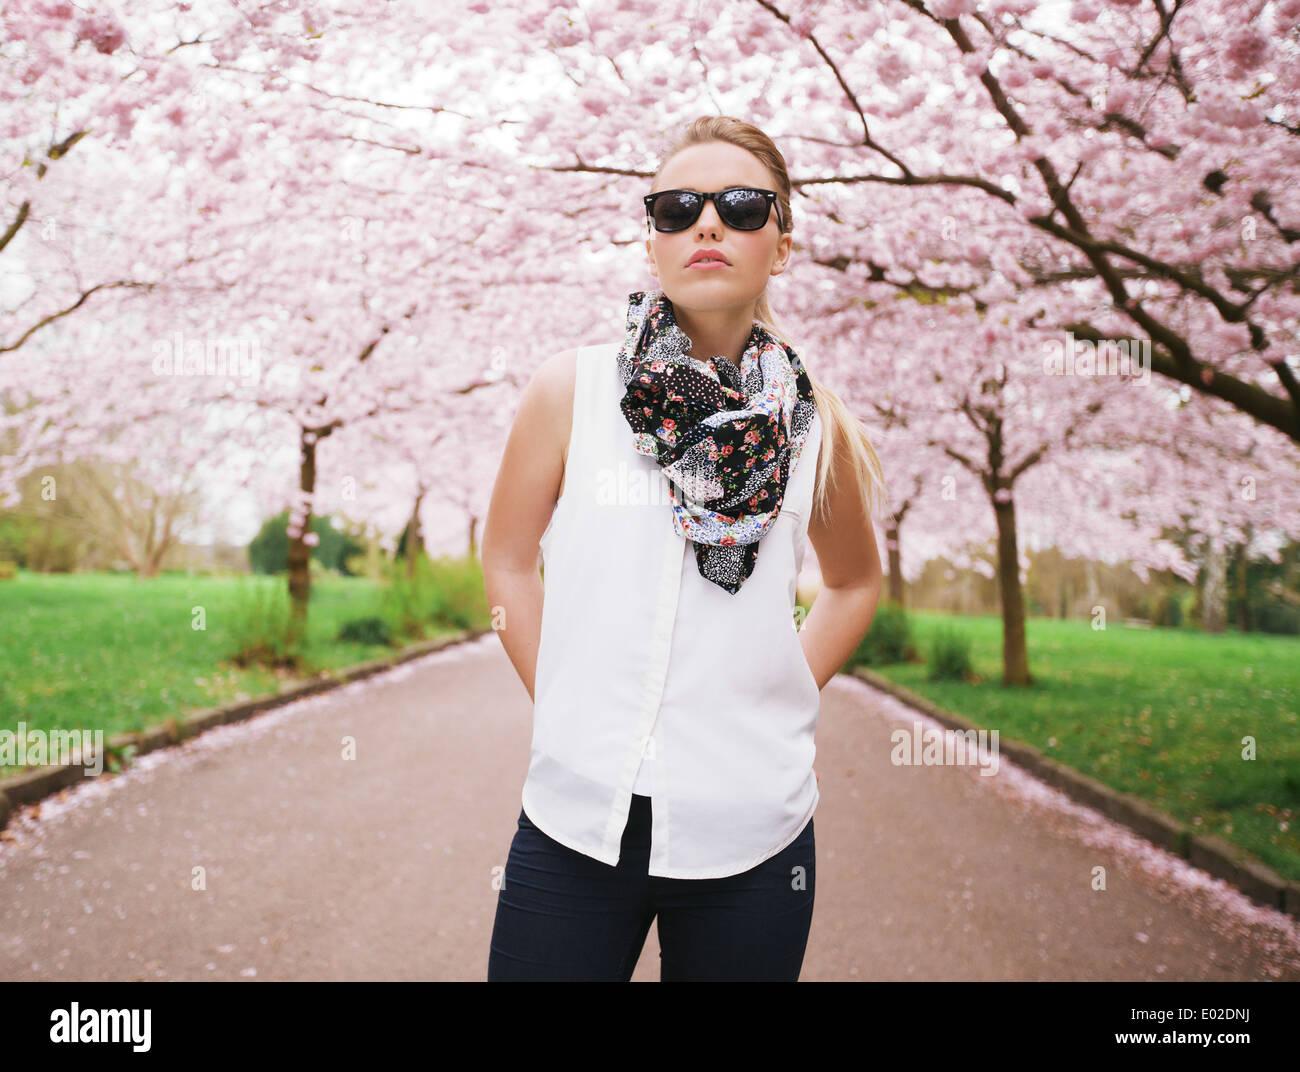 Moda giovane donna in posa con fiducia al parco. Attraente modello femminile a primavera sbocciano i fiori park Immagini Stock